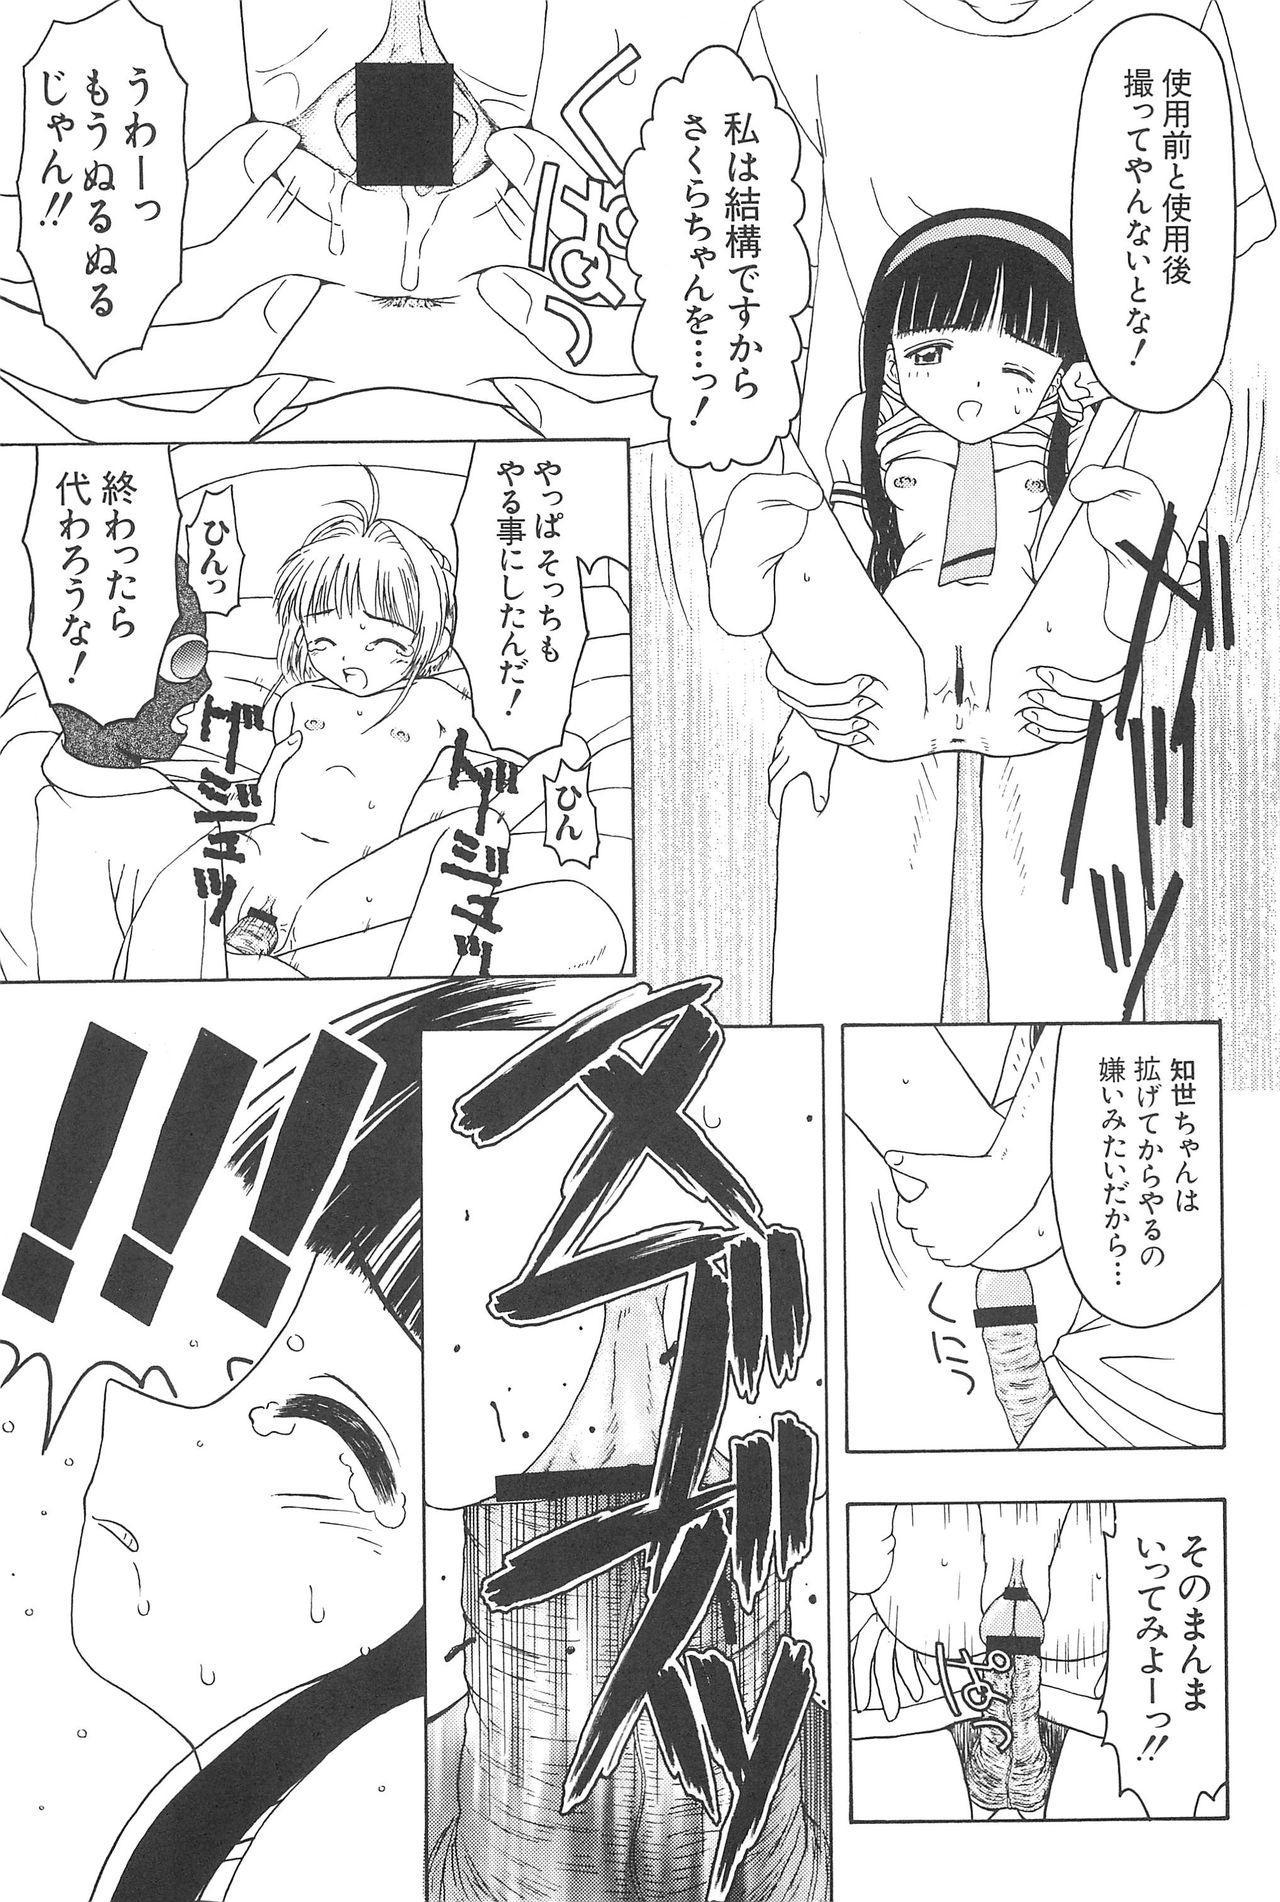 Sakura to Tomoyo ALL OF INTERCOURSE Jou 31